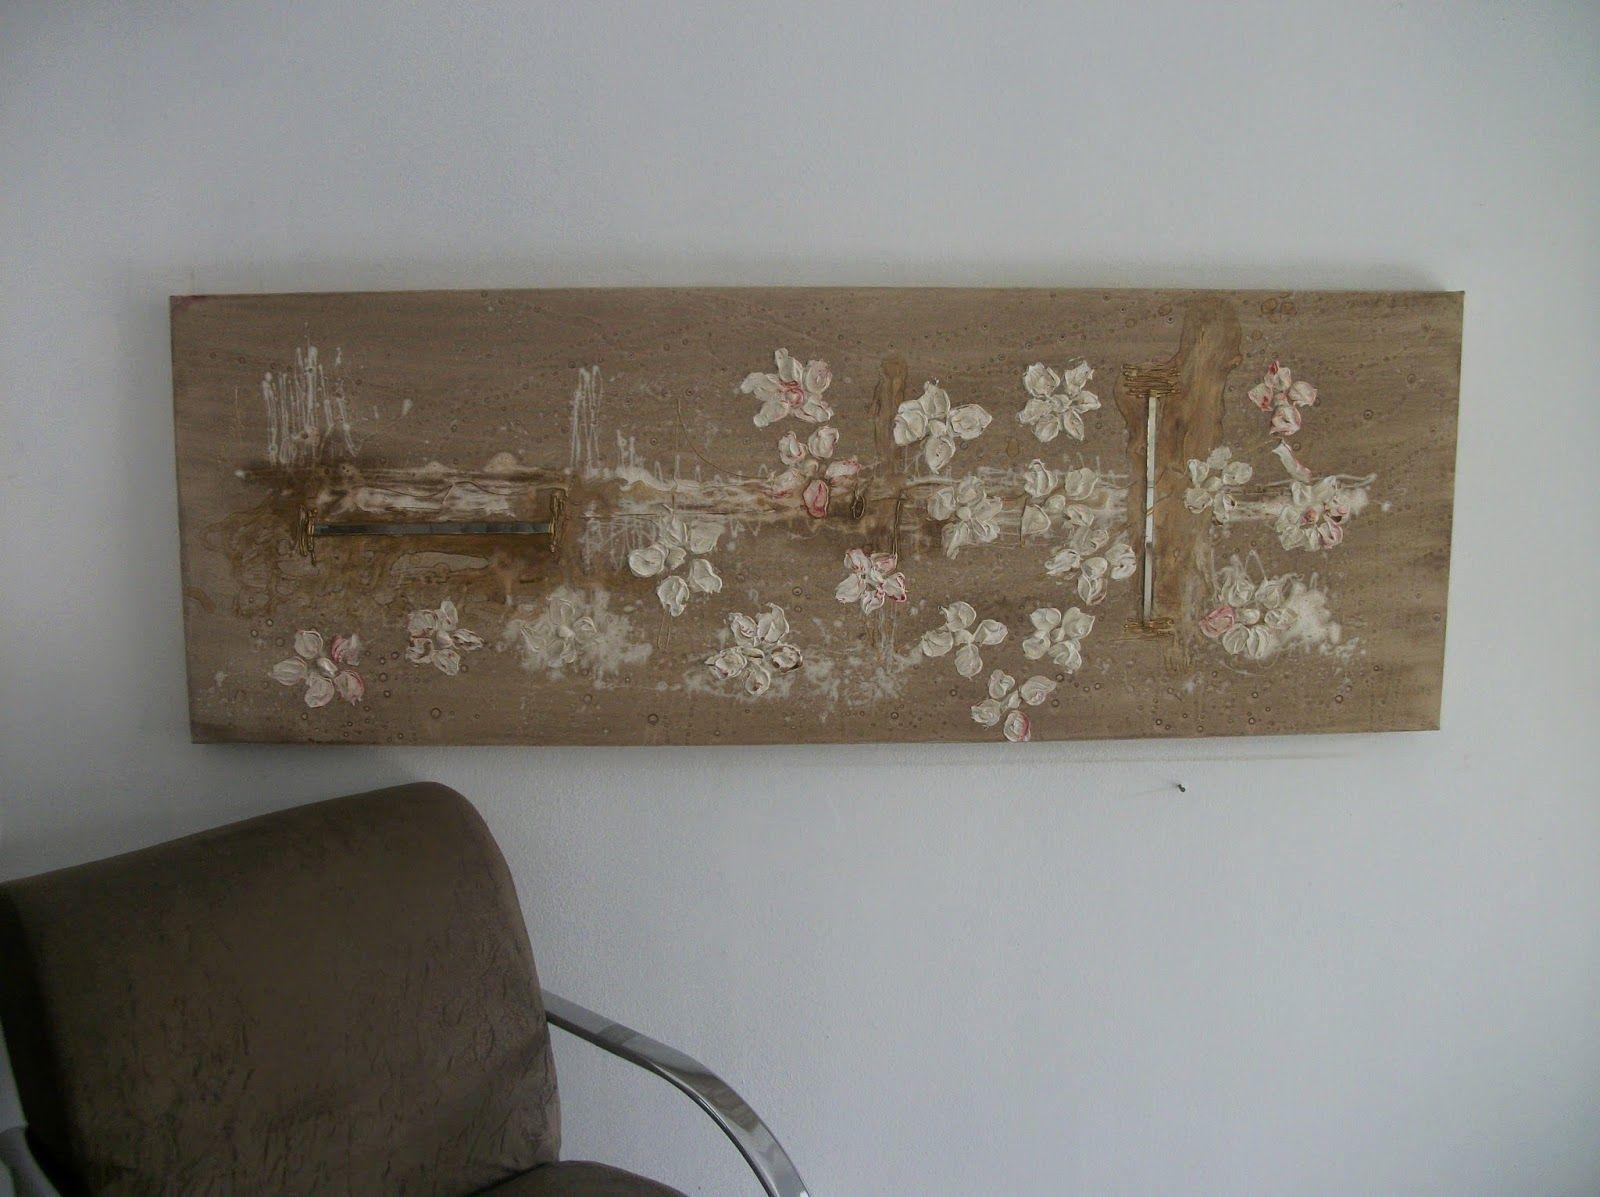 Telas Abstratas e Mandalas para decorações de ambientes. Decore com arte!: telas abstratas ref: 1022